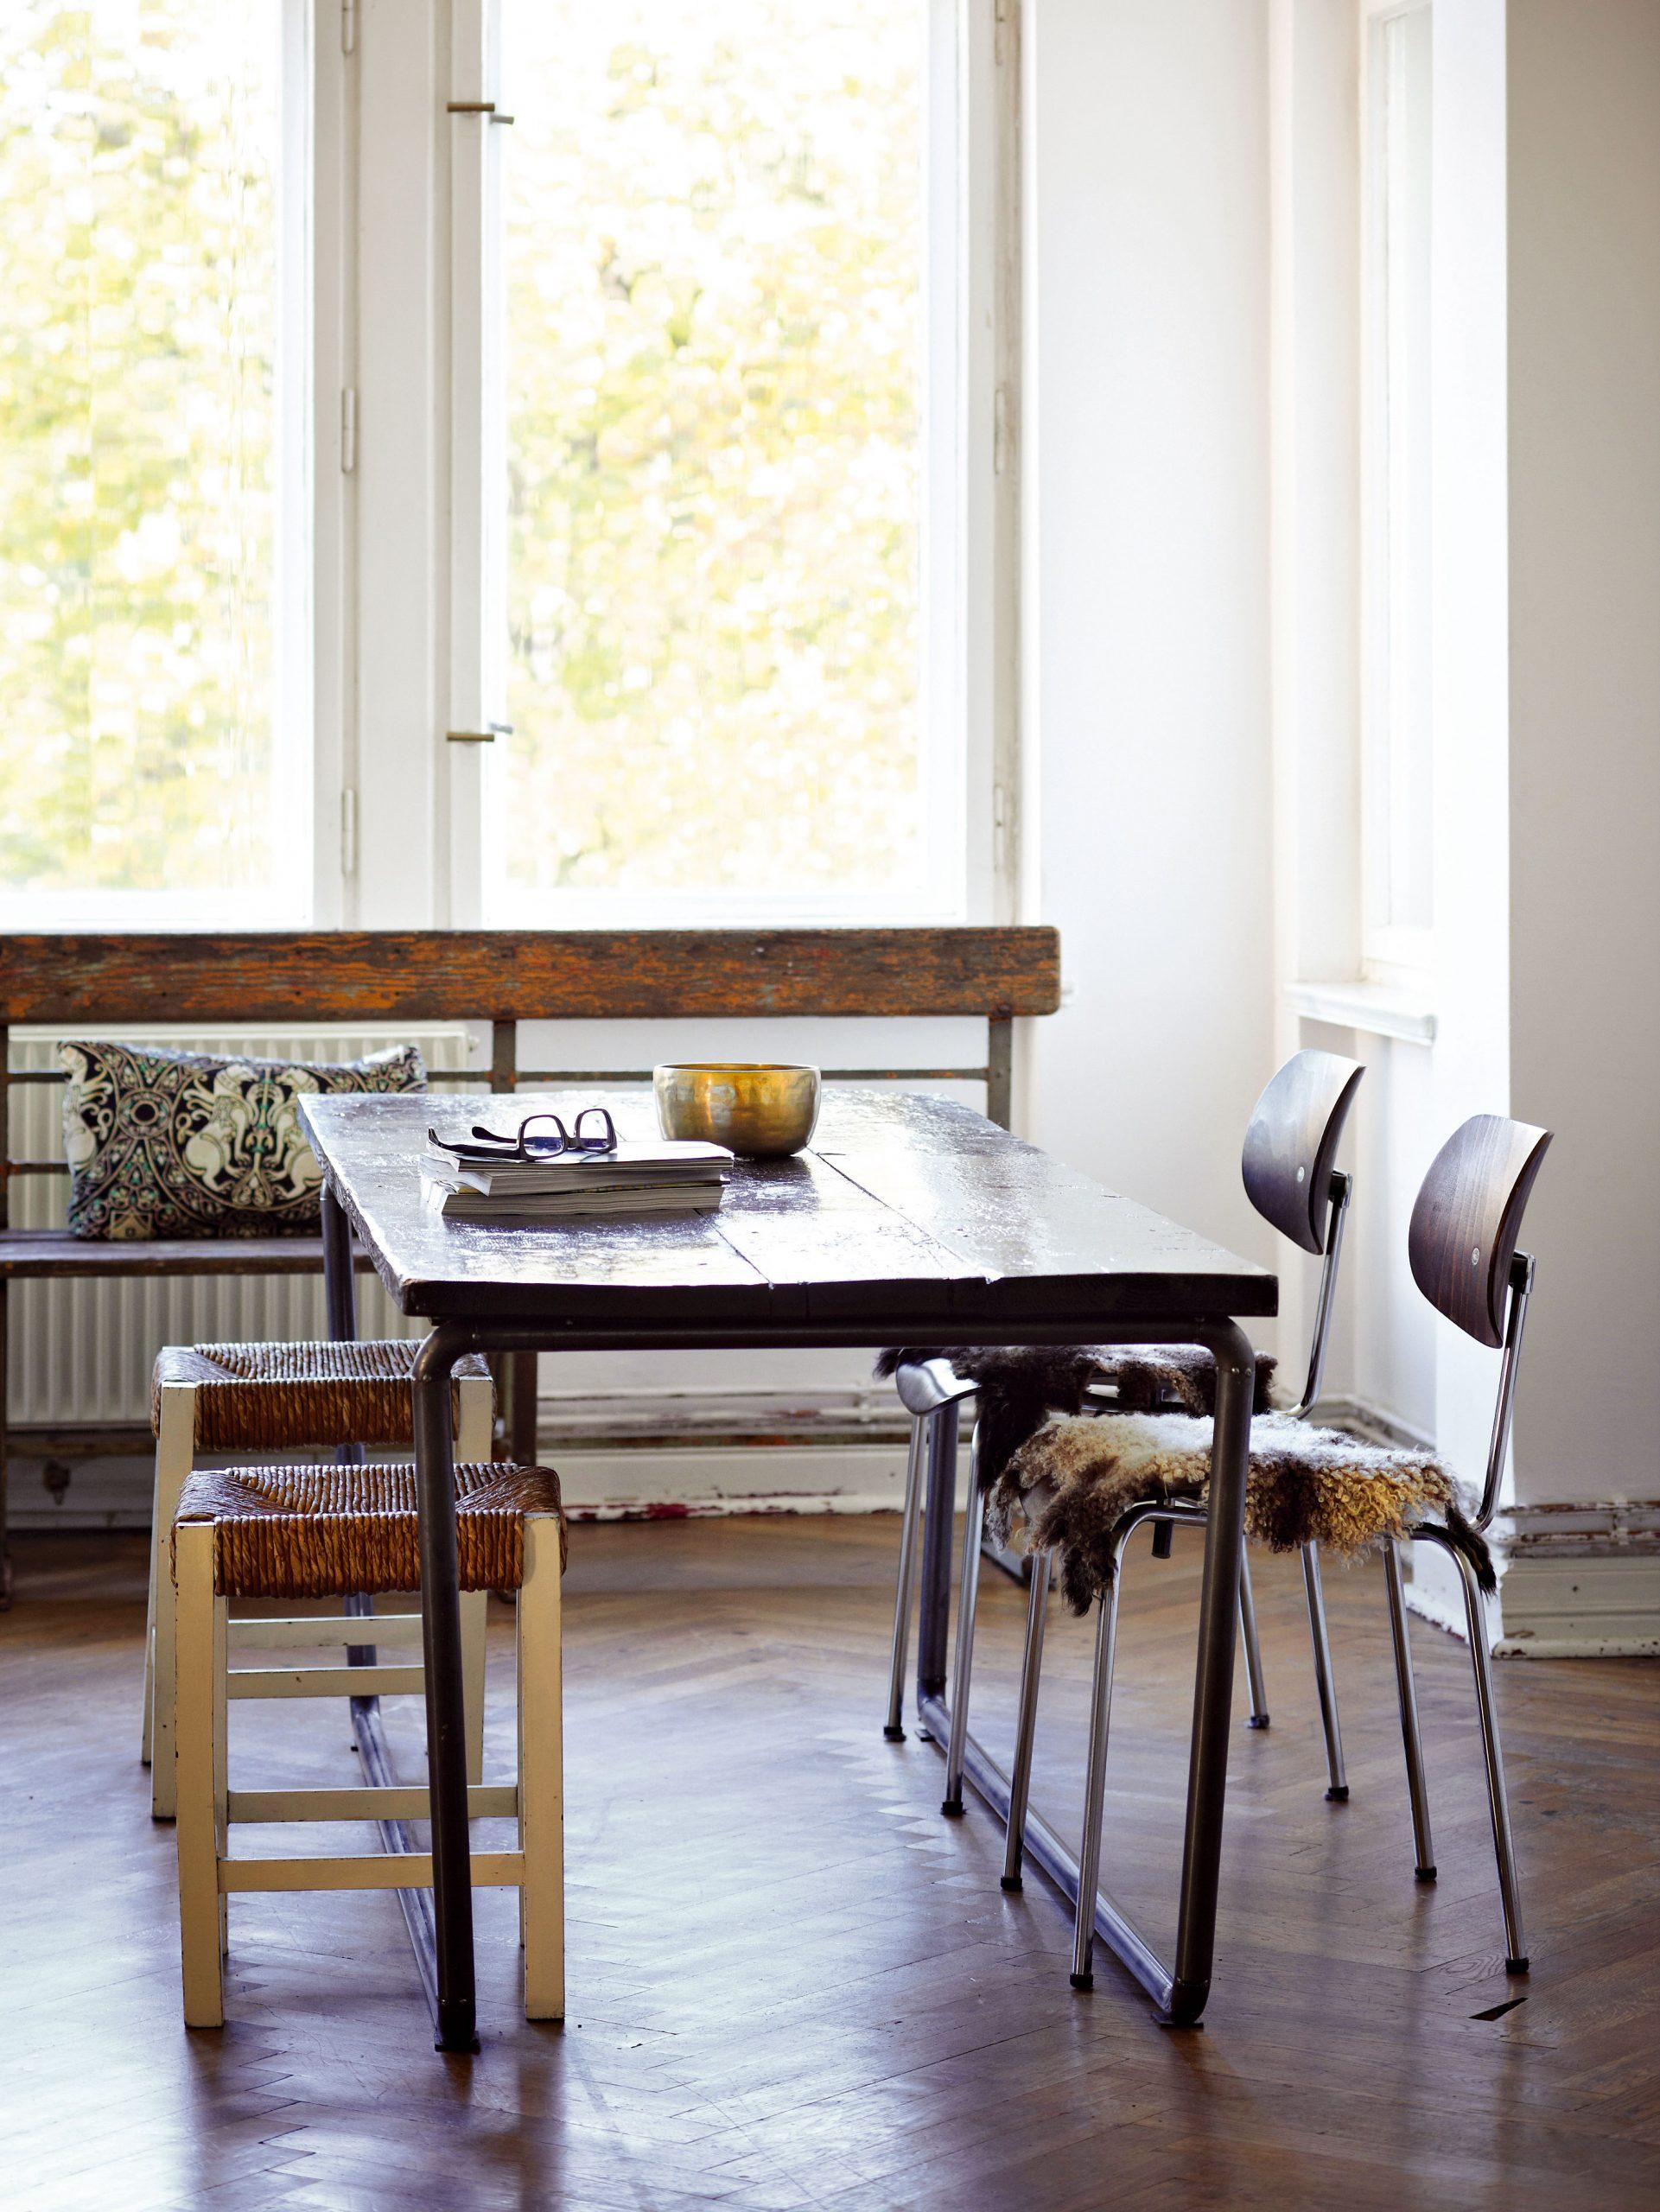 Jedálenský stôl vobývačke je originál – prototyp zdielne bratov Haussmannovcov. Vypletané stoličky bez operadla si ešte pamätajú Nemeckú demokratickú republiku a lavicu našli domáci na odľahlej ceste medzi dedinami.